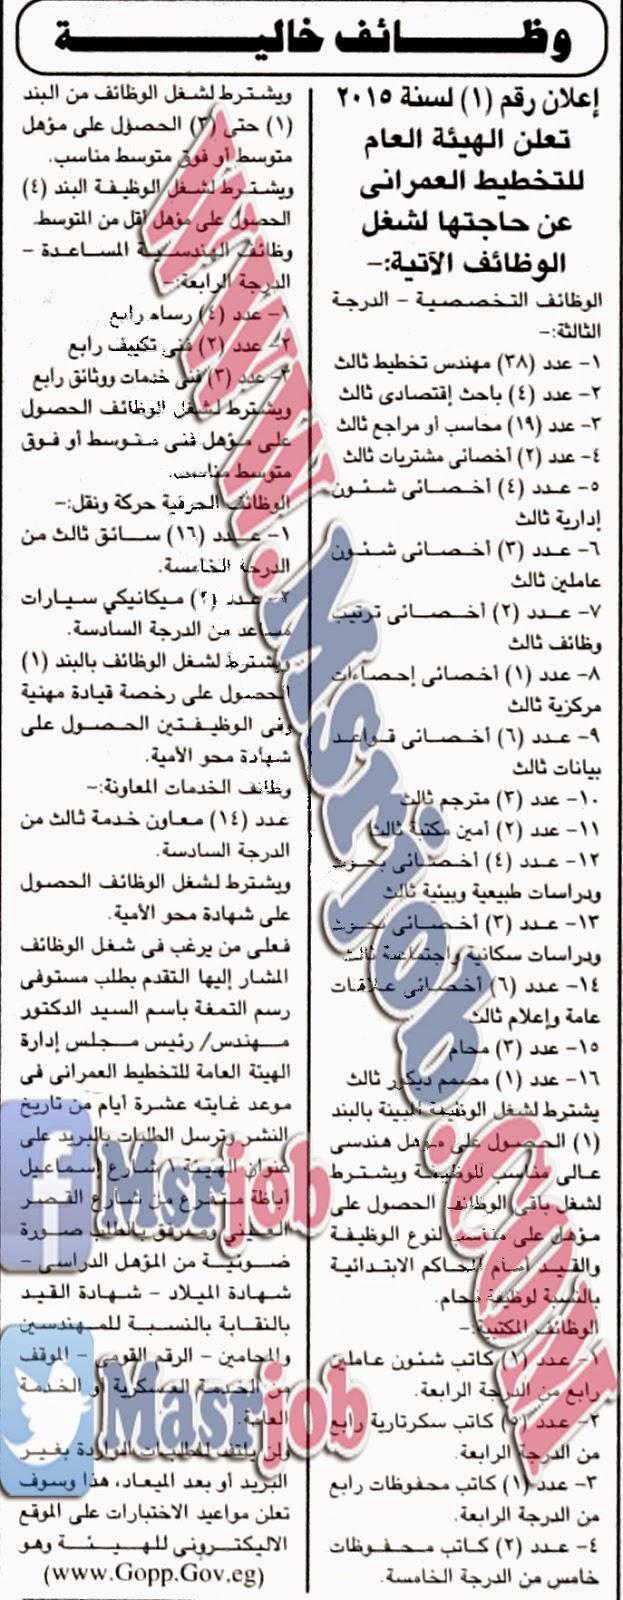 وظائف الهيئة العامة للتخطيط العمراني - اعلان رقم 1 لسنة 2015